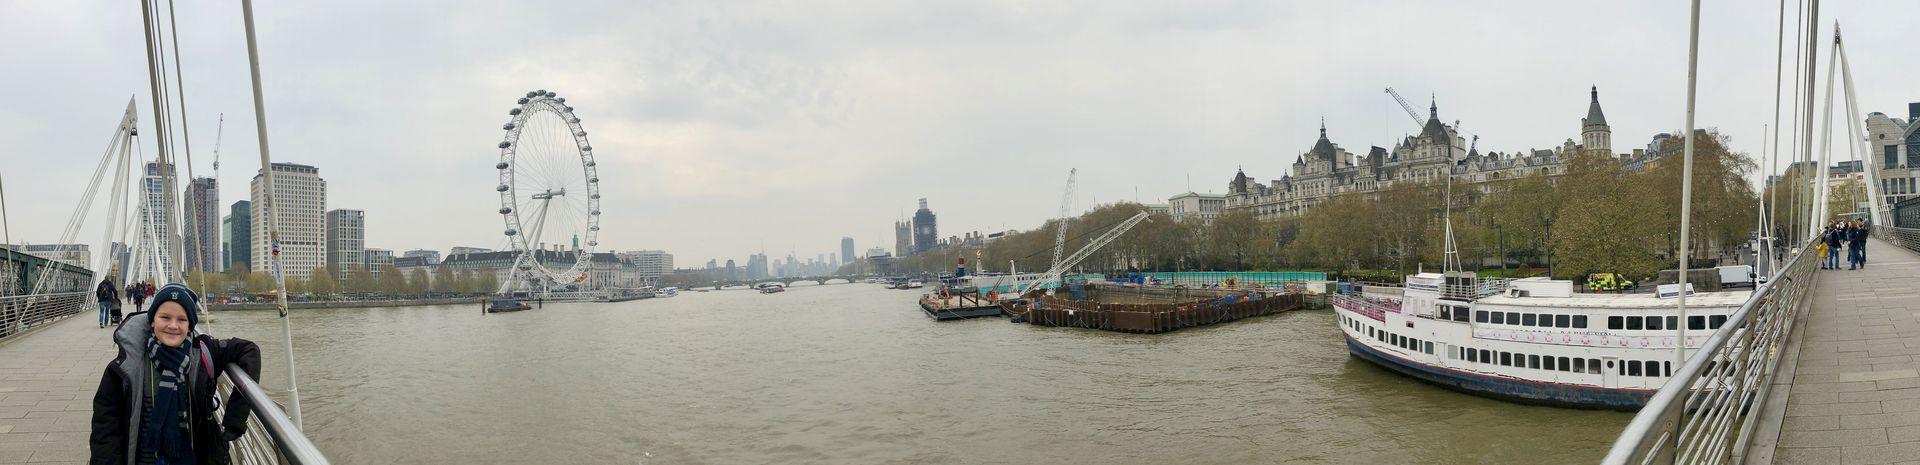 Seit der Jahrtausendwende prägt das Millenium Wheel das Stadtbild von London entscheidend mit.